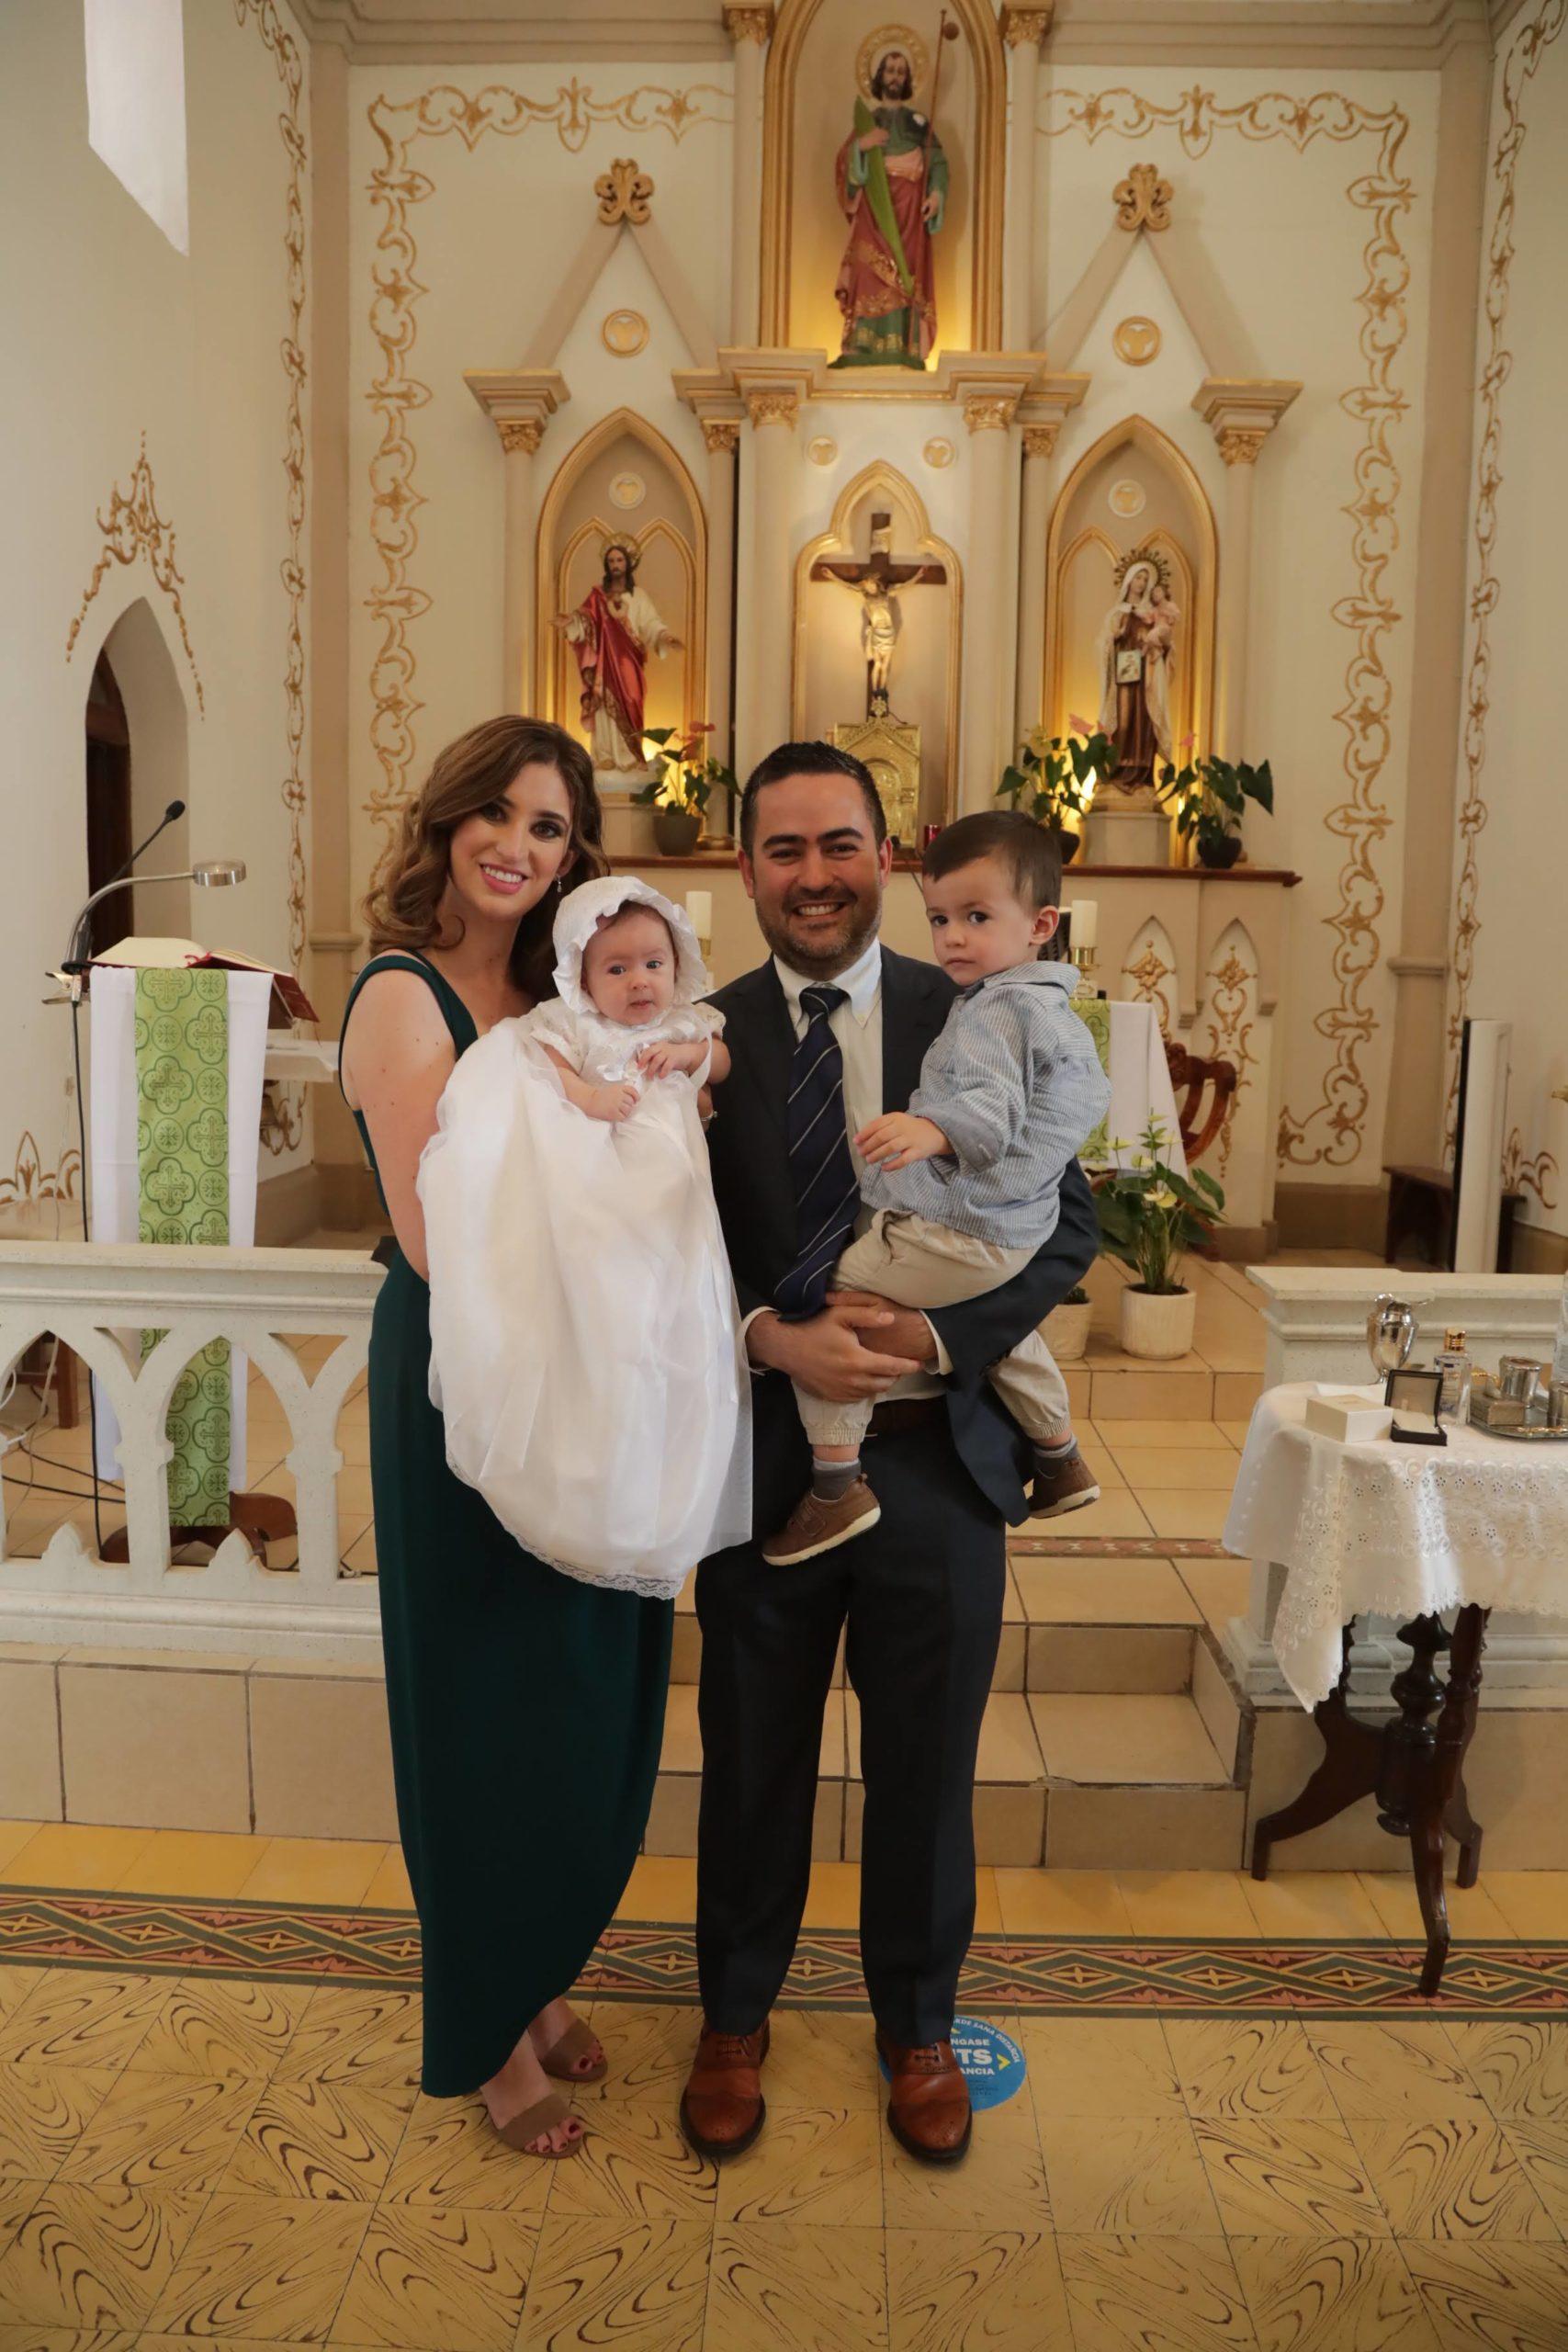 Miguel Arizpe Rodríguez e Irma E. Santoscoy De la Garza con sus hijos Miguel y Eugenia Arizpe Santoscoy.